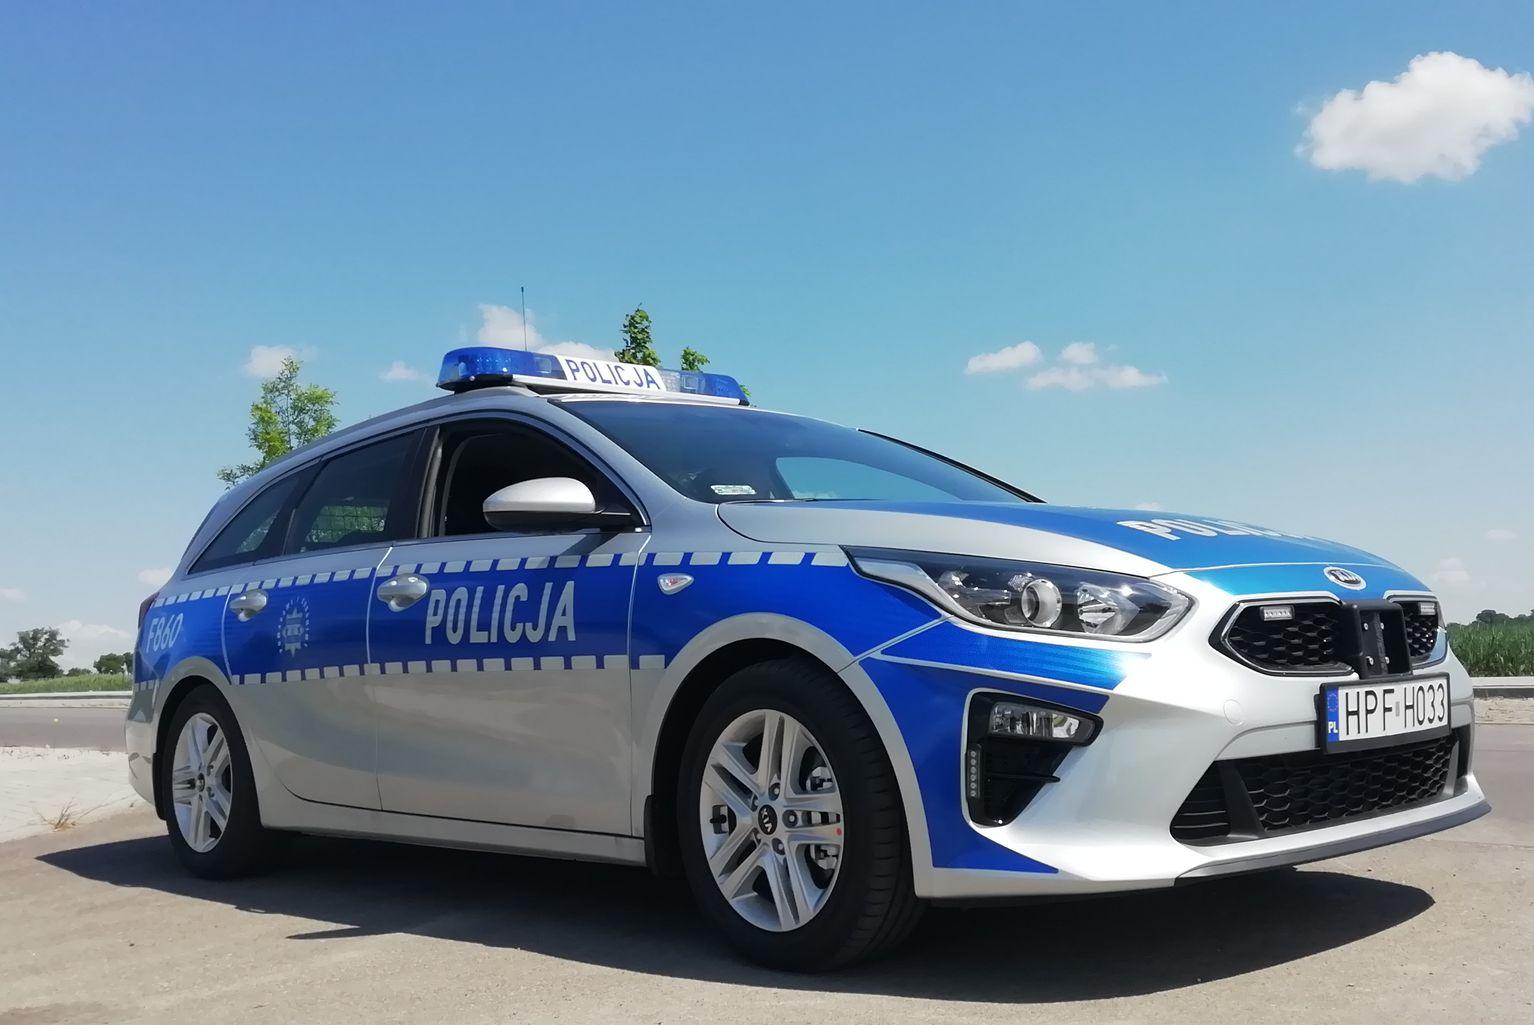 Kierowcy uważajcie! Policja ma nowy radiowóz - Zdjęcie główne